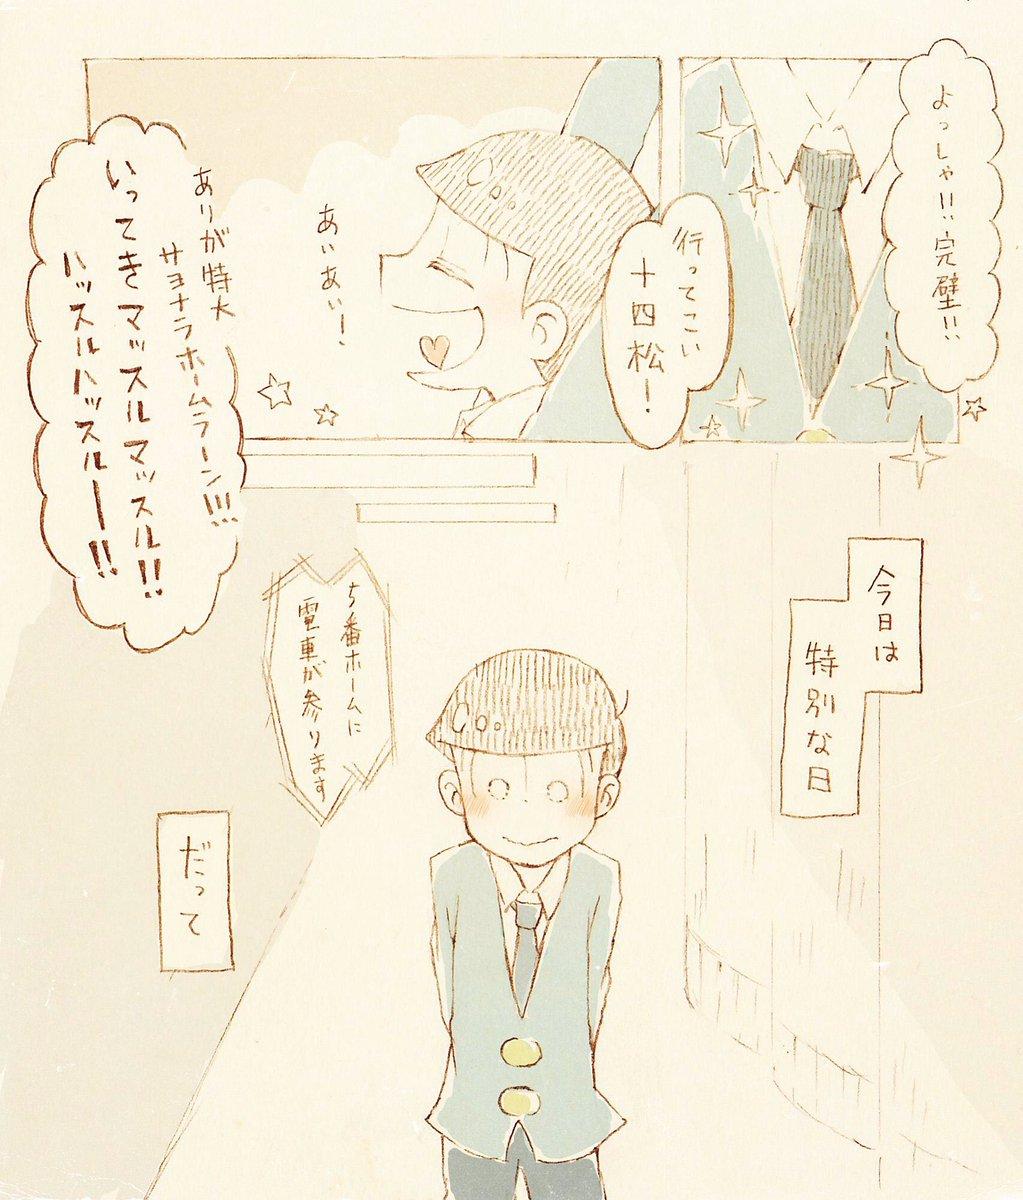 『引っ越し』十カノちゃんが再会するお話